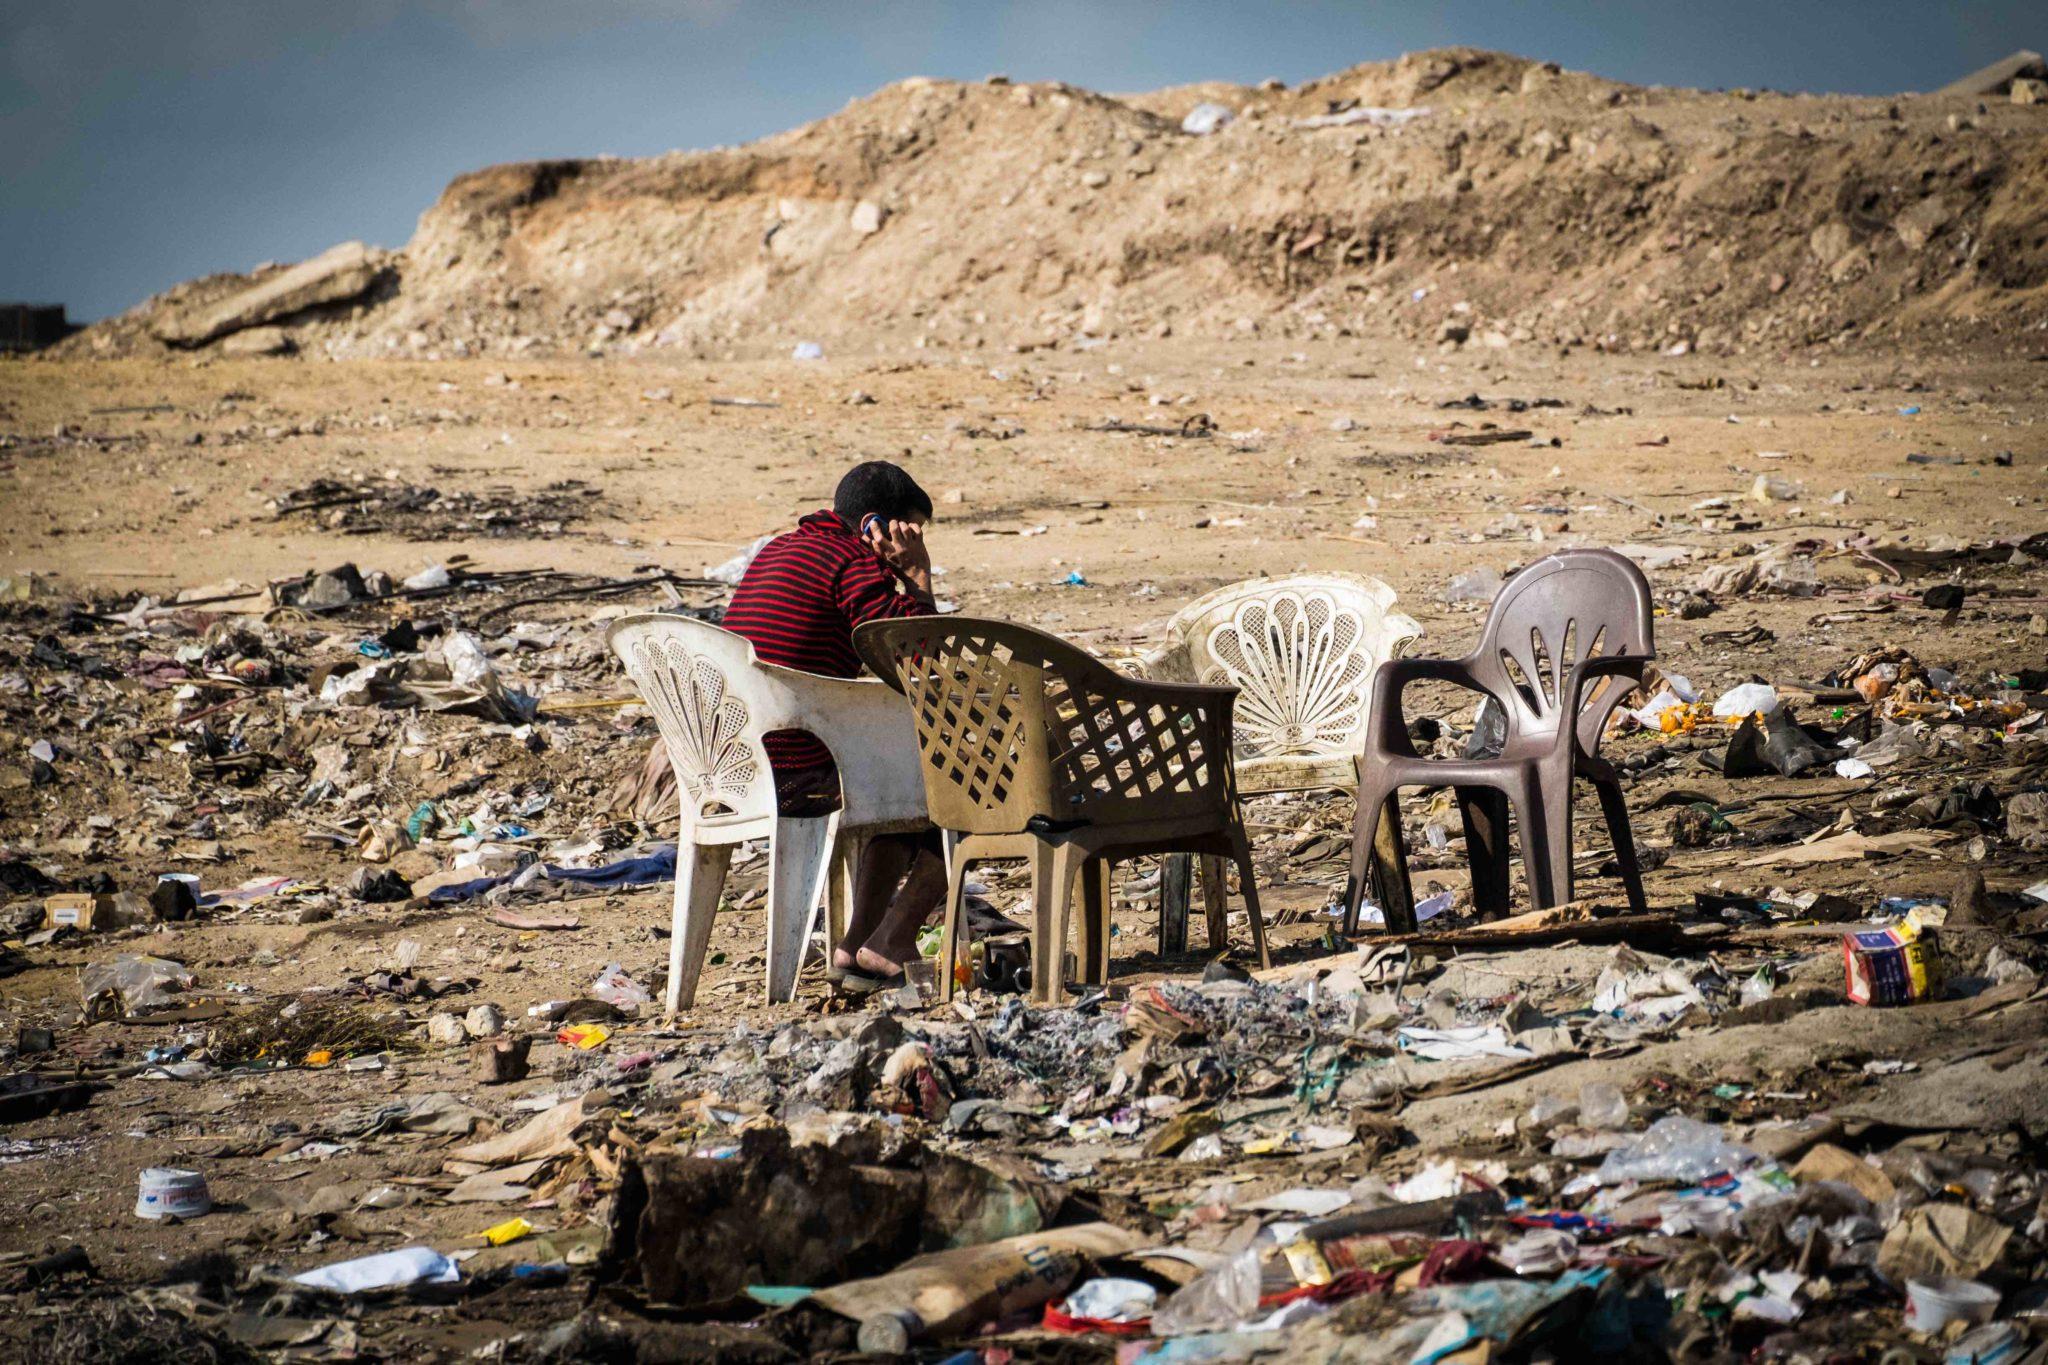 cairo un caff eacute all aperto per gli uomini spazzatura voci globali un uomo aspetta che gli venga servito un tegrave queste 4 sedie in mezzo all